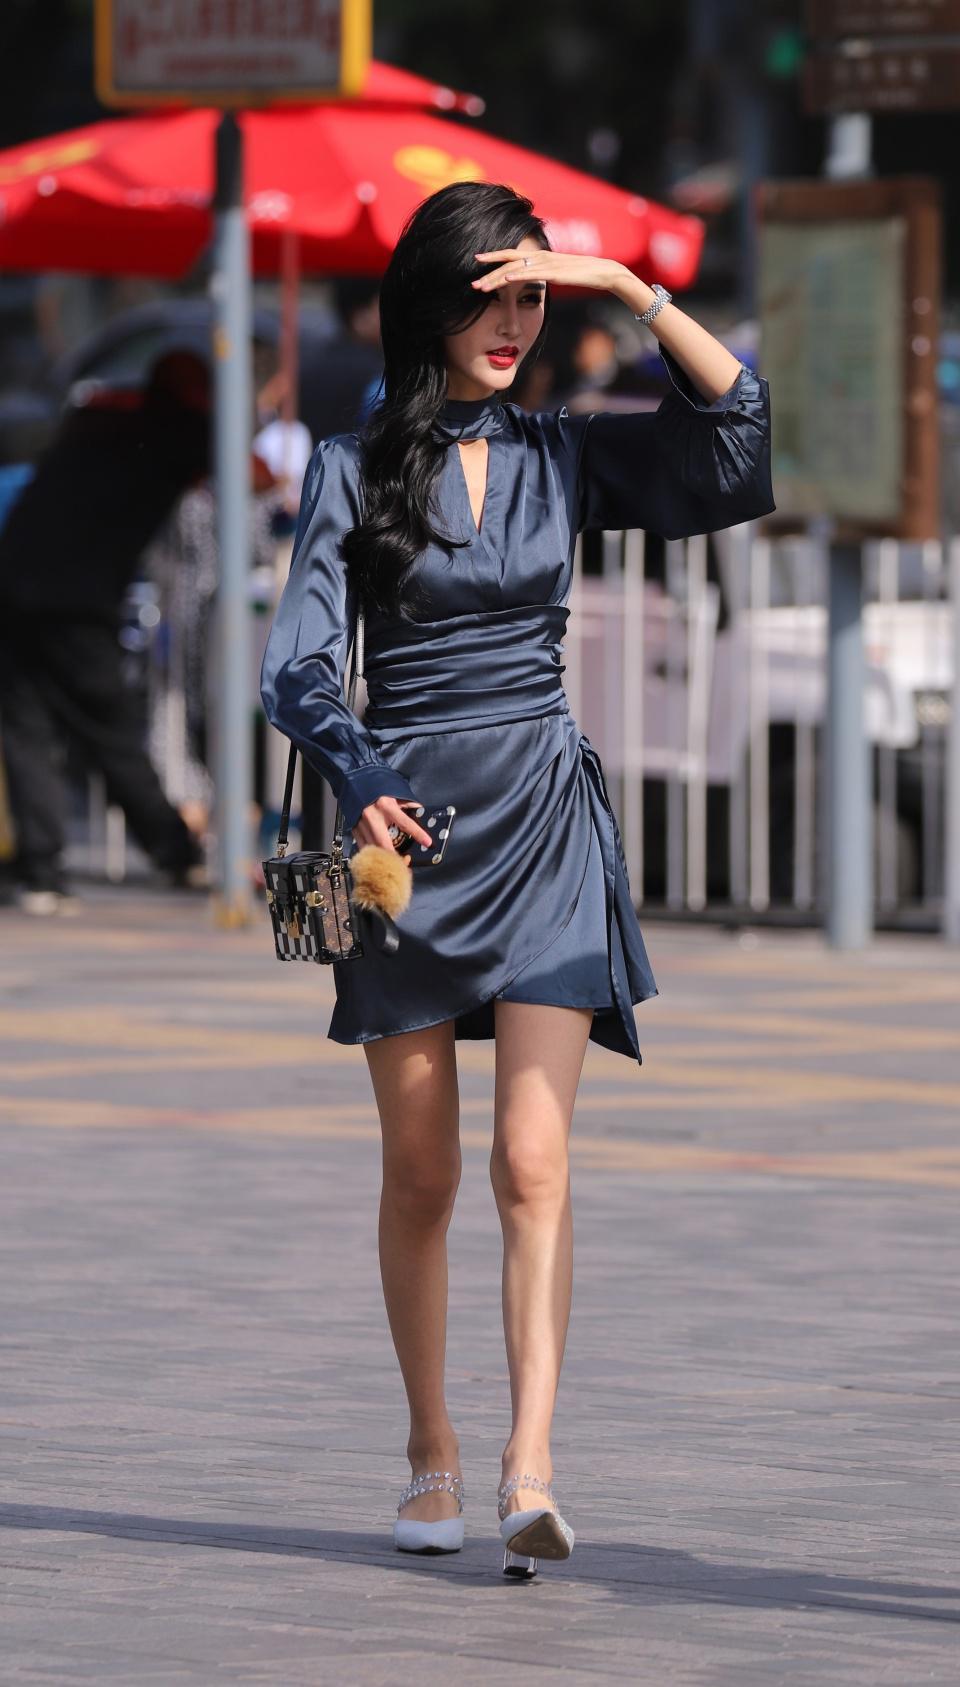 街拍:小姐姐的衣服很丝滑,举手投足都很迷人